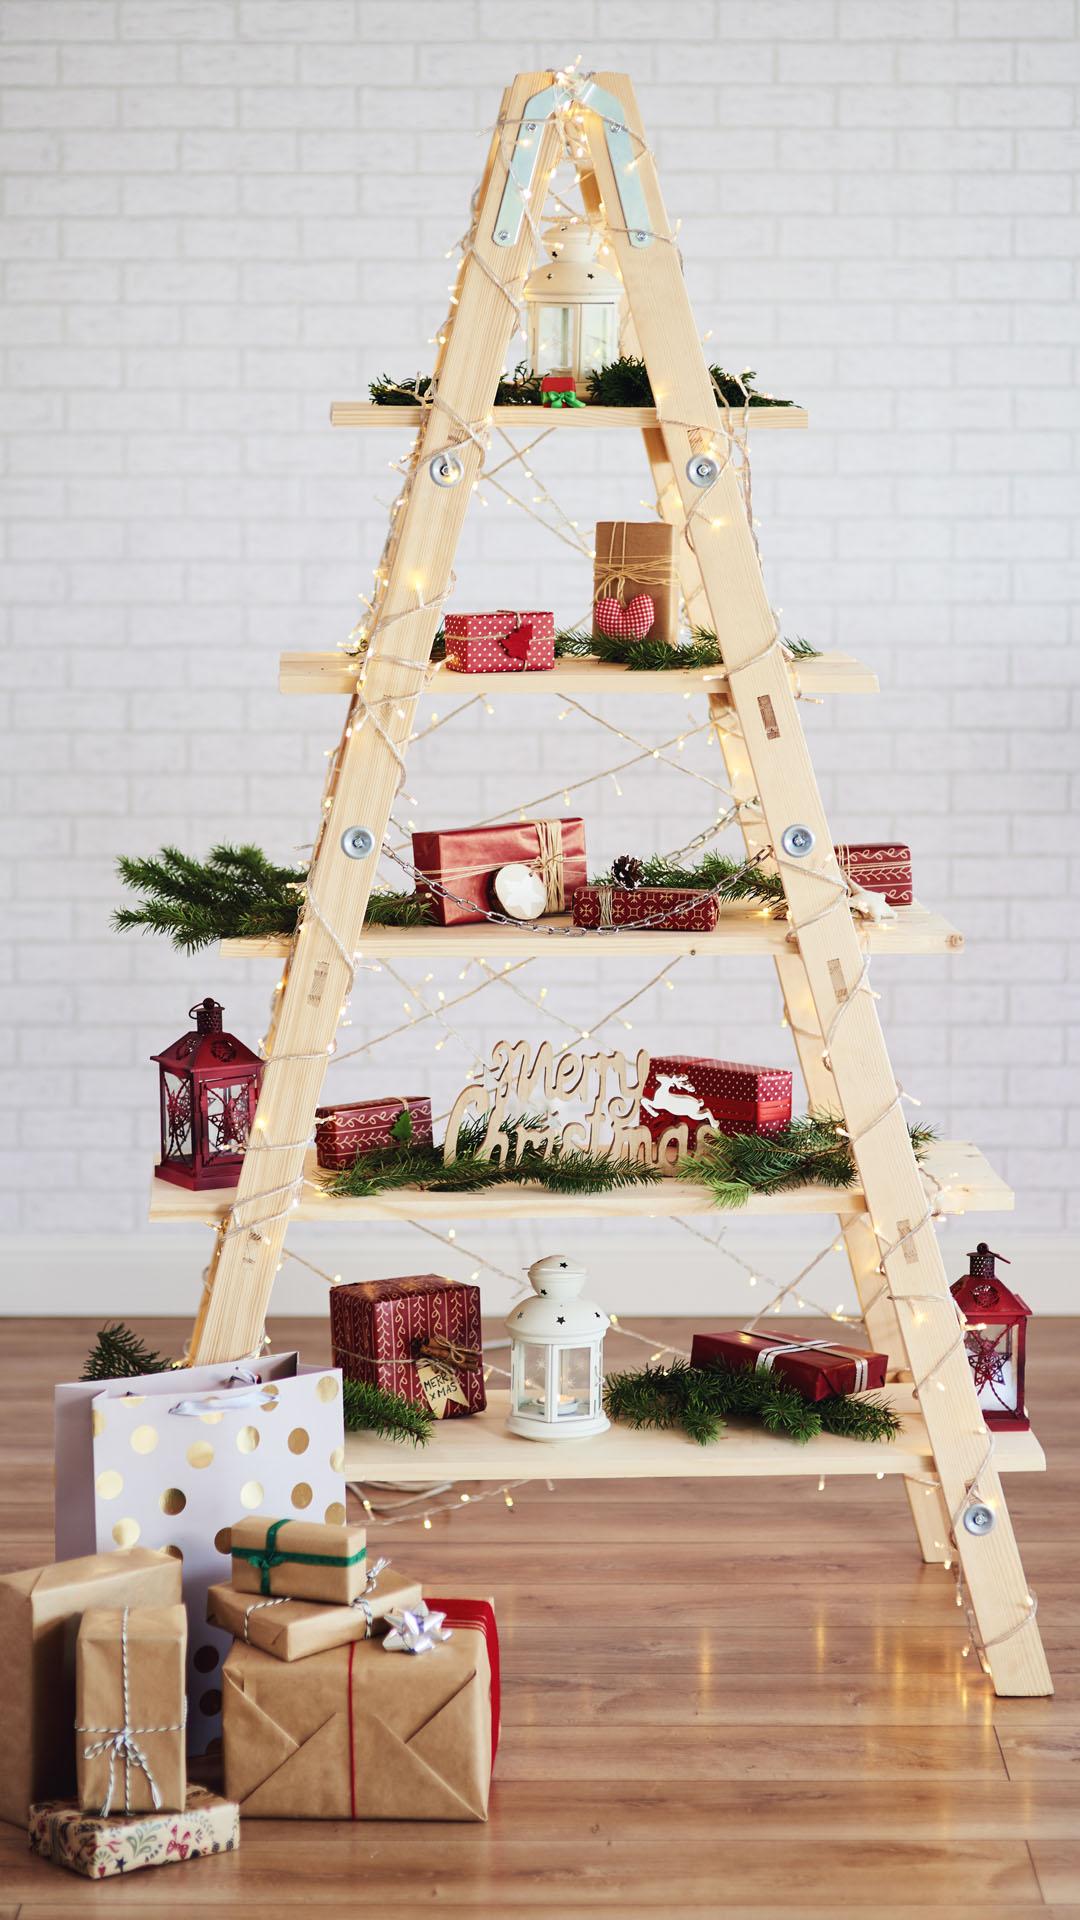 Alternativen zum klassischen Weihnachtsbaum